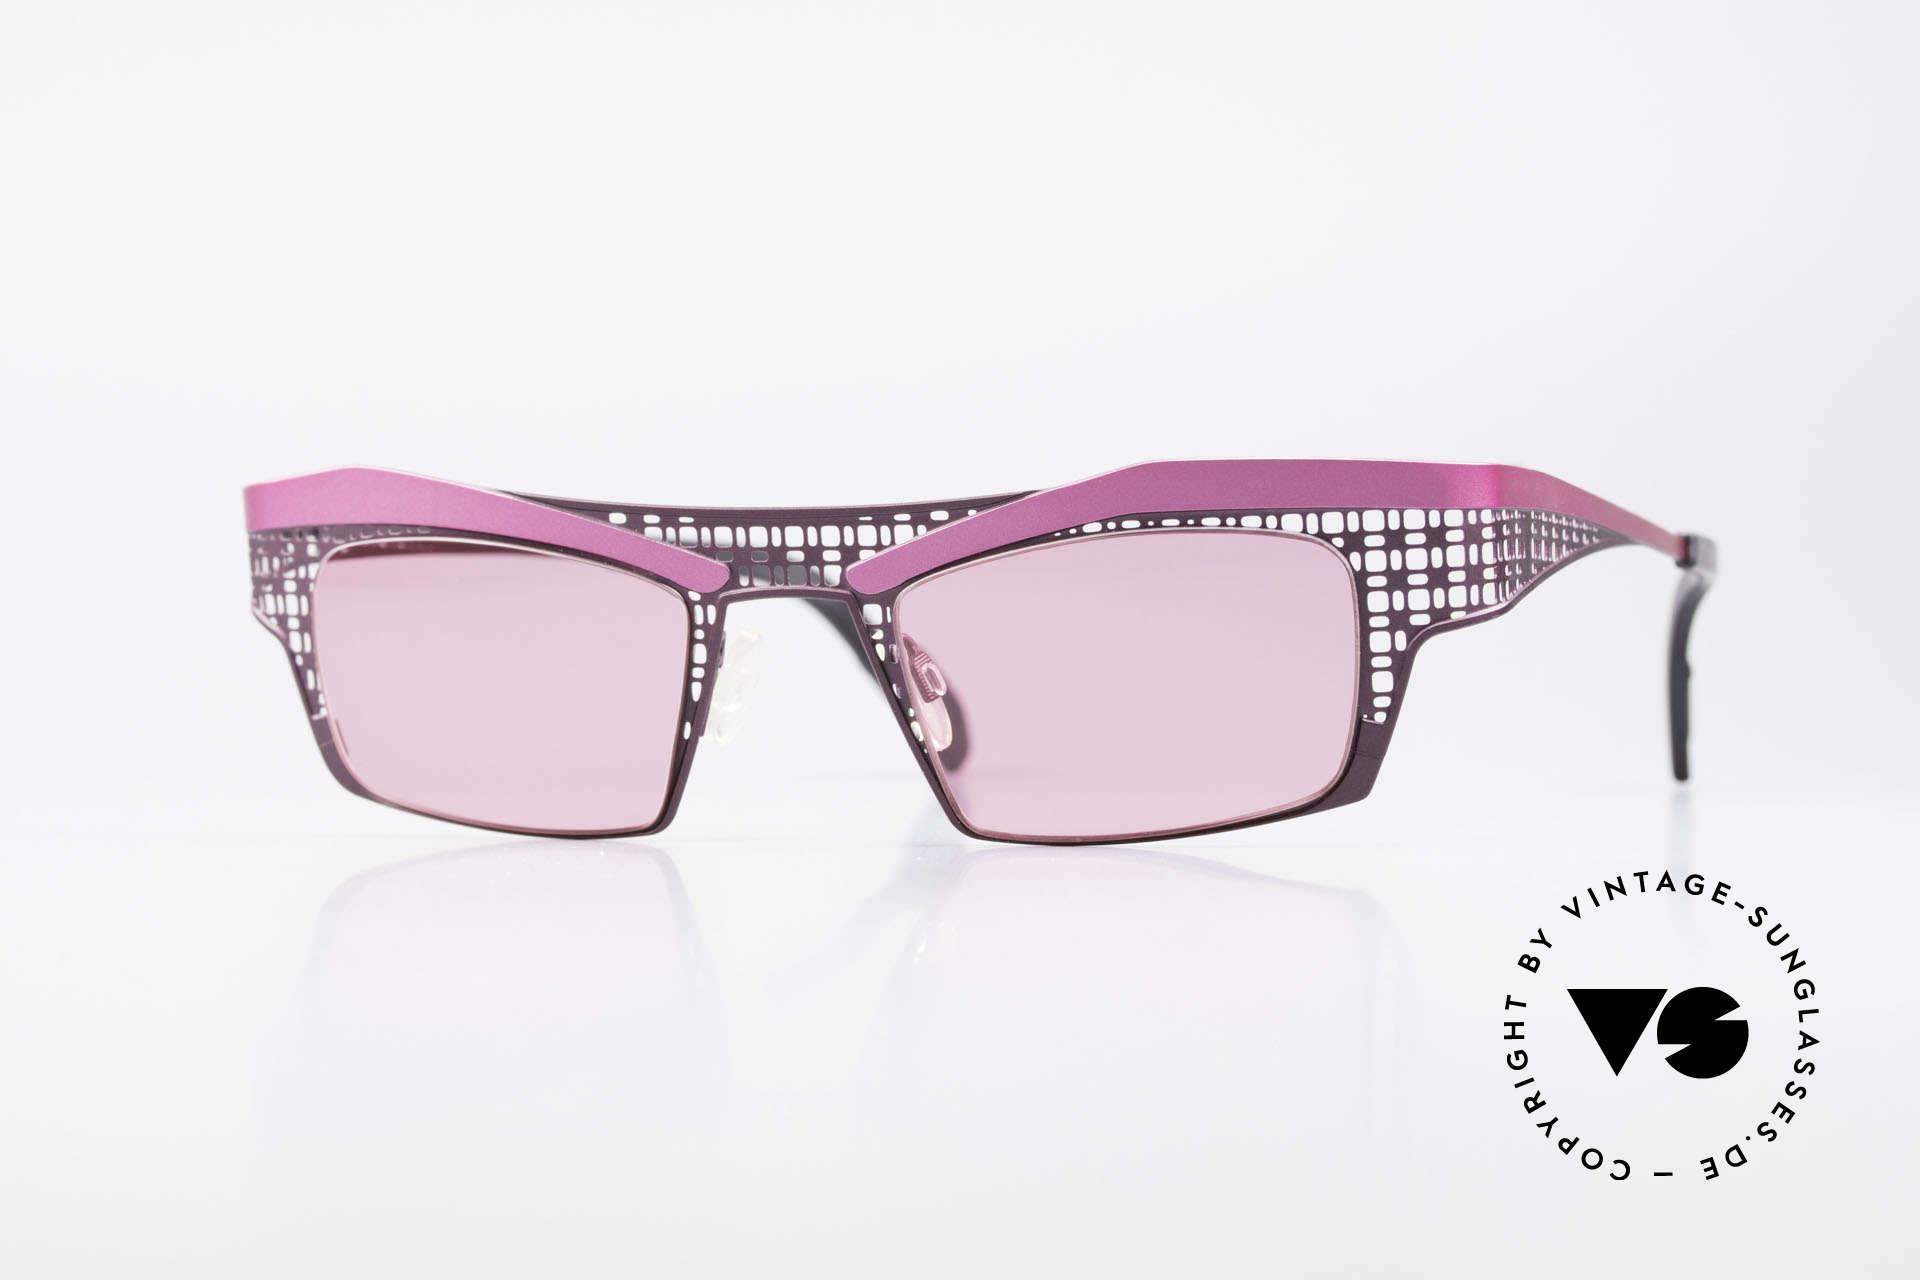 Theo Belgium Eye-Witness TA Avantgarde Sonnenbrille Pink, Theo Belgium: die eigenwilligste Brillenmarke, weltweit, Passend für Damen